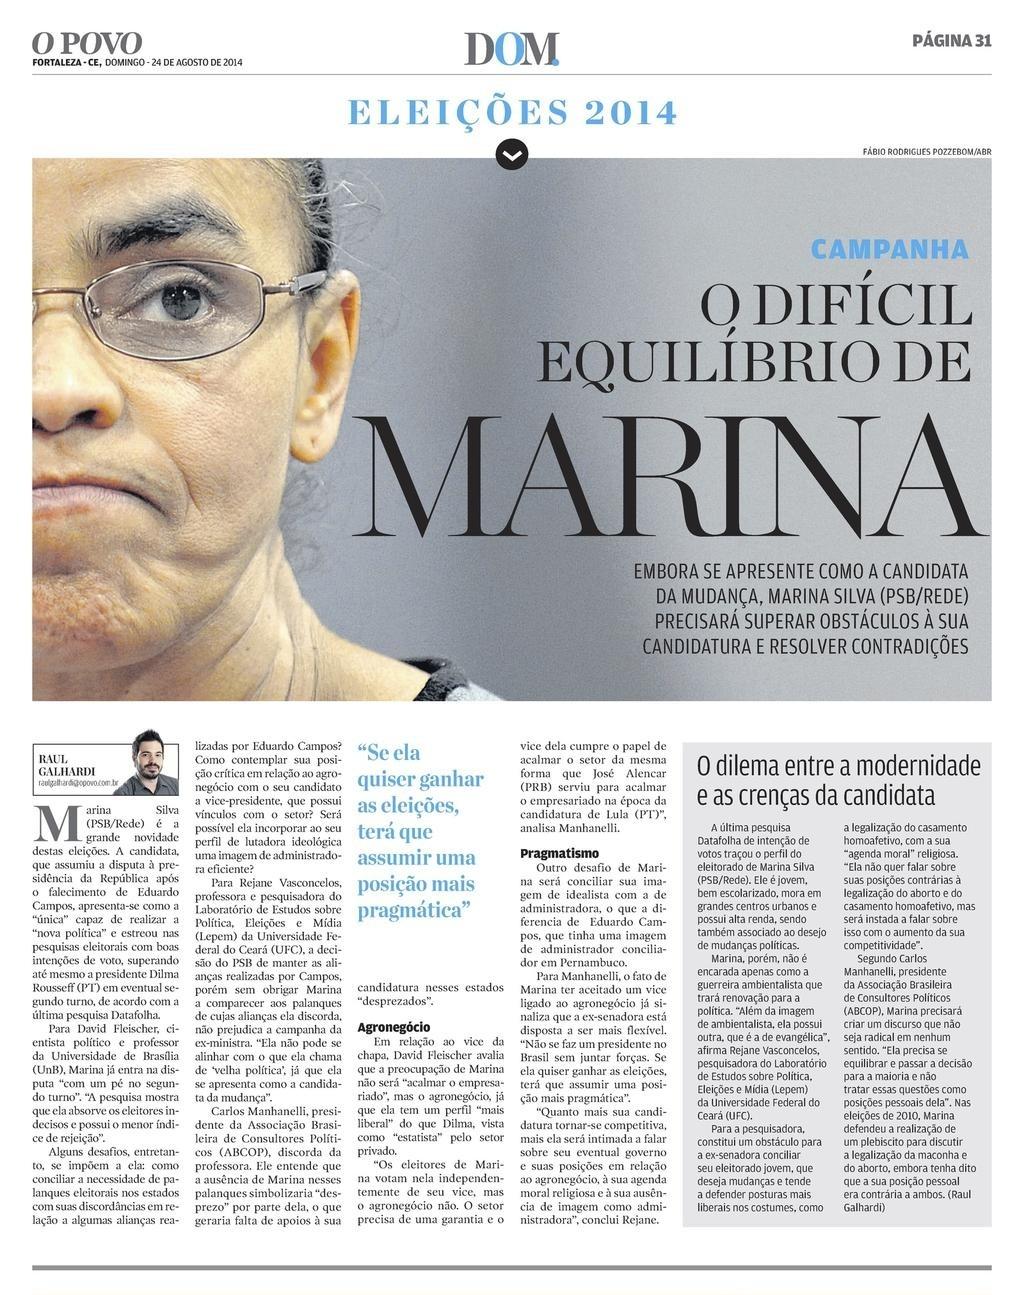 Marina DOM